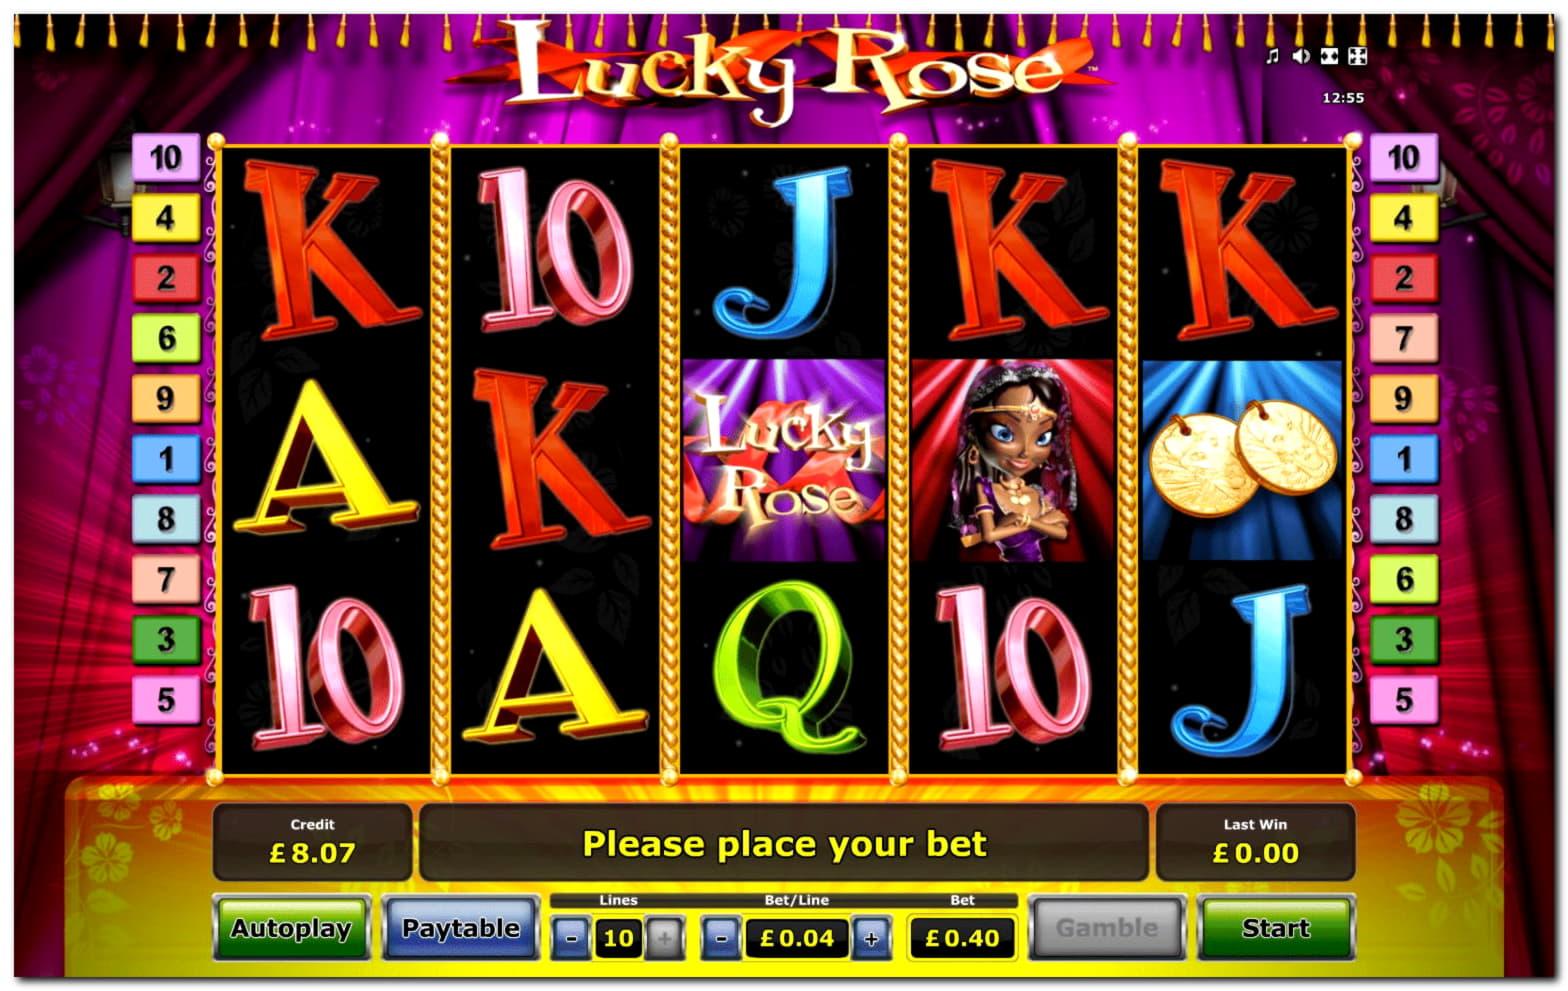 Casino comでの895%カジノマッチボーナス